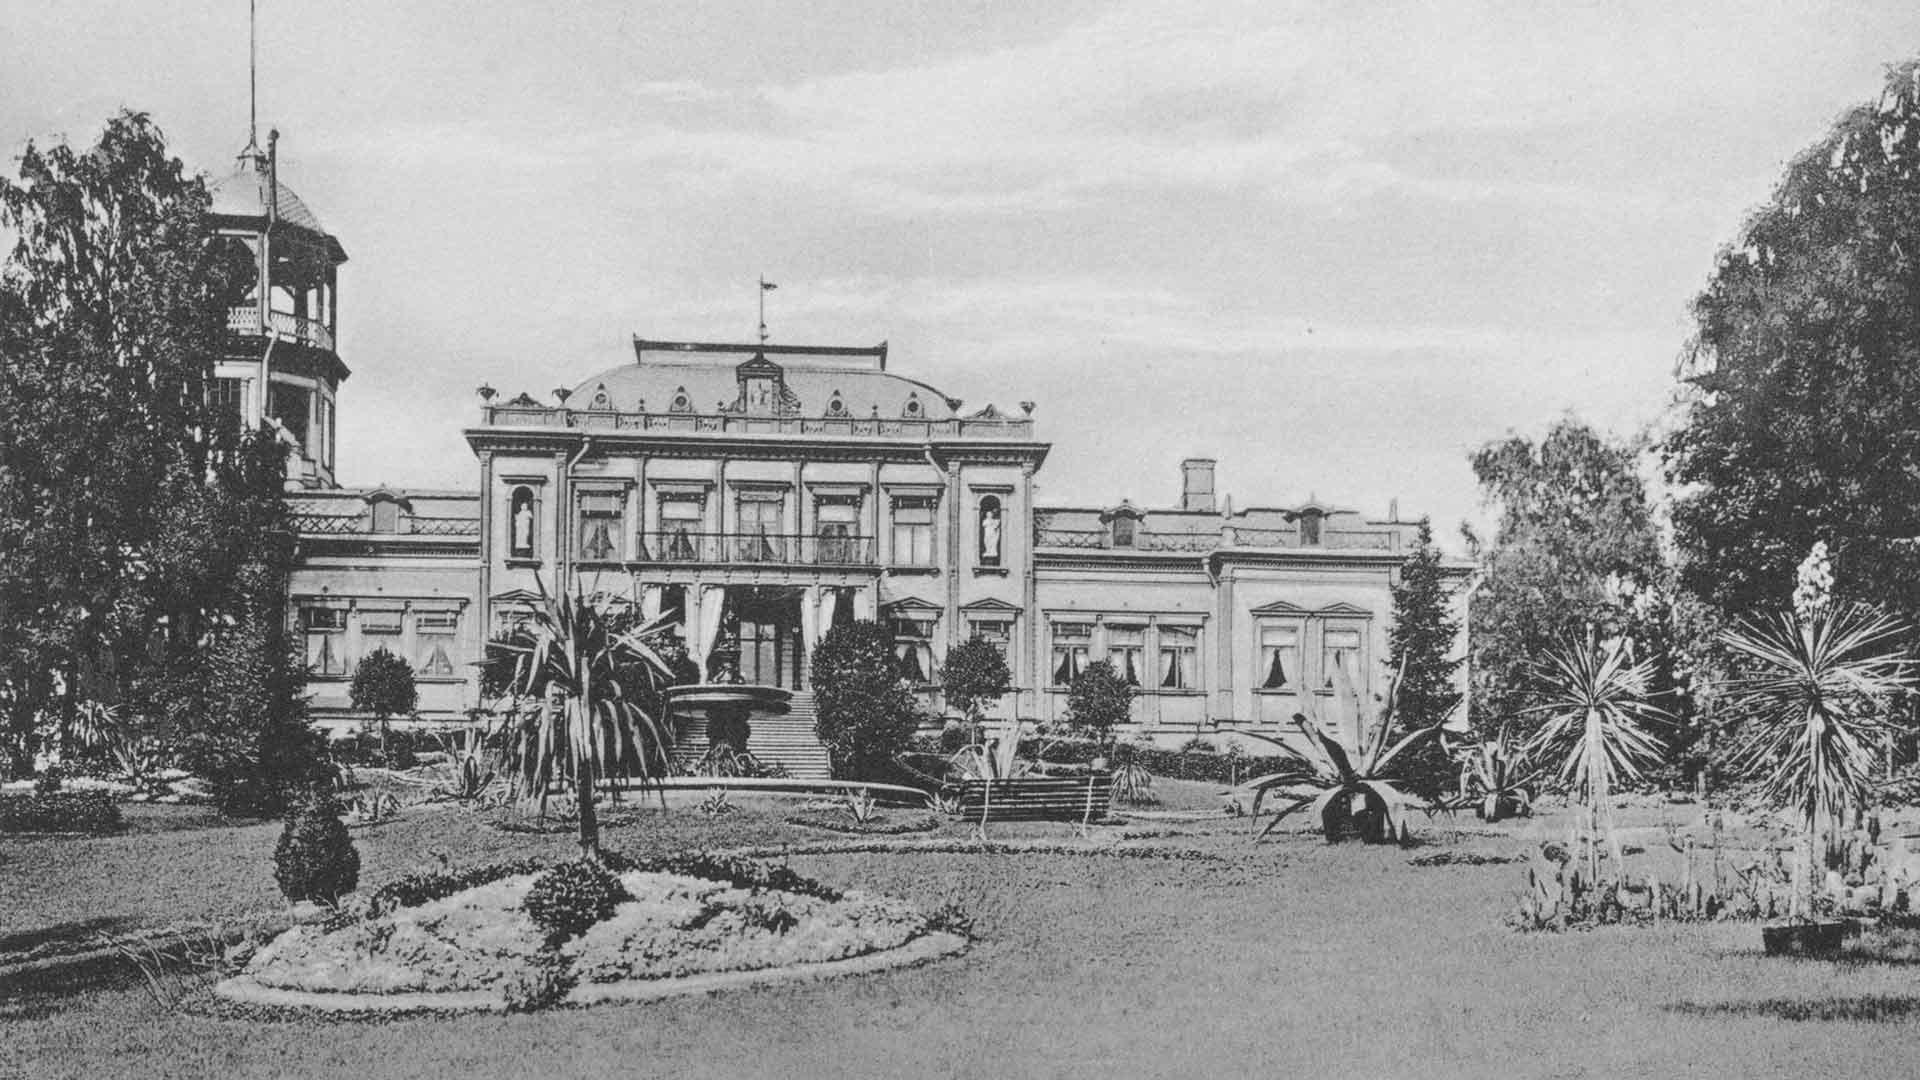 Karlbergin kartano paloi talvella 1928. Funkkistyylinen hotelli nousi samoille sijoille vuonna 1938. Standerskjöldin ajoilta on jäljellä Kavaljeeri-vierastalo.